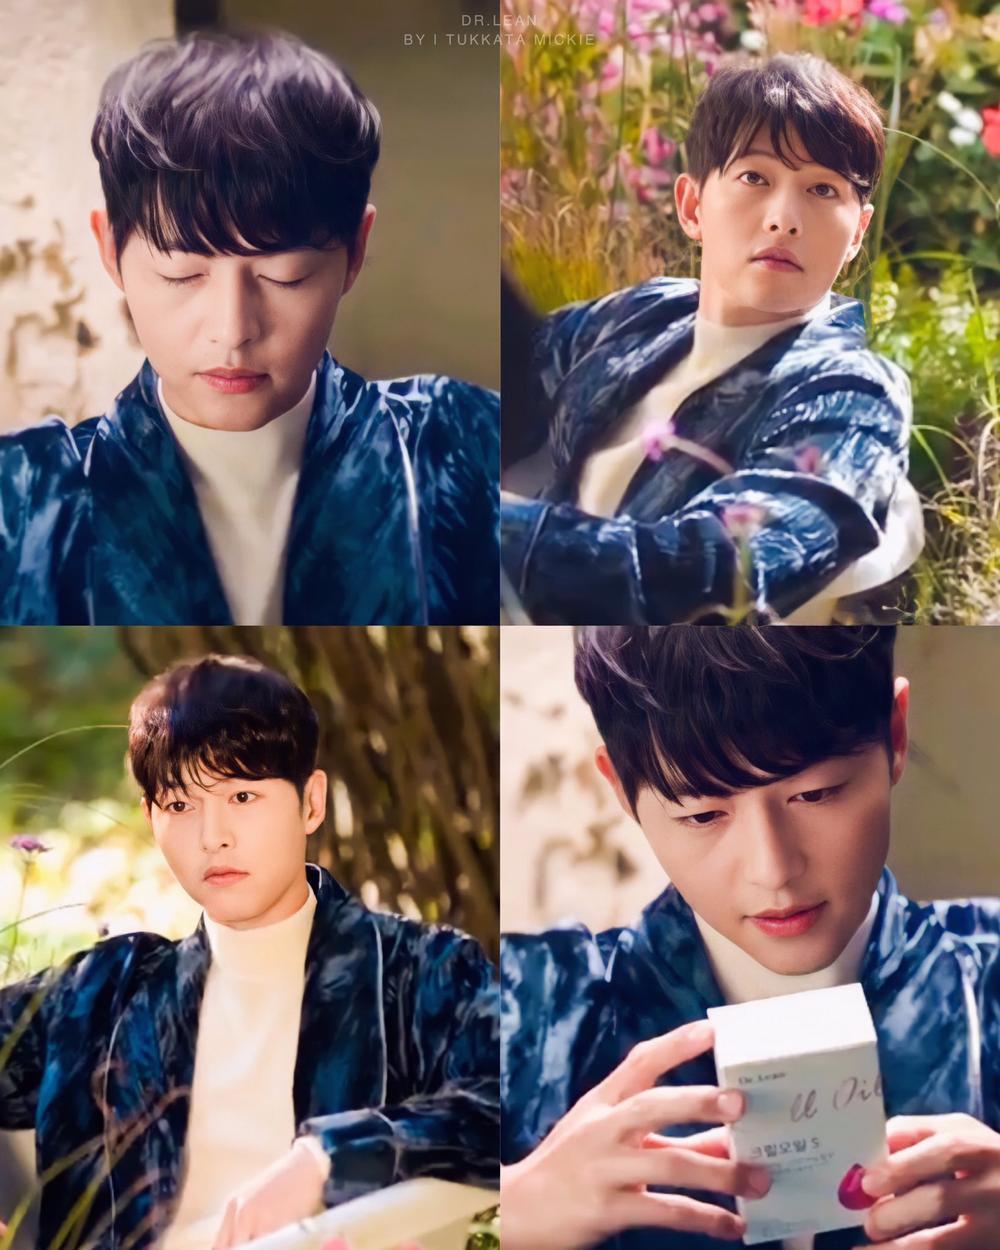 Song Joong Ki thất bại với siêu phẩm 500 tỷ vì lỡ ly hôn Song Hye Kyo: Thật tai hại! Ảnh 9